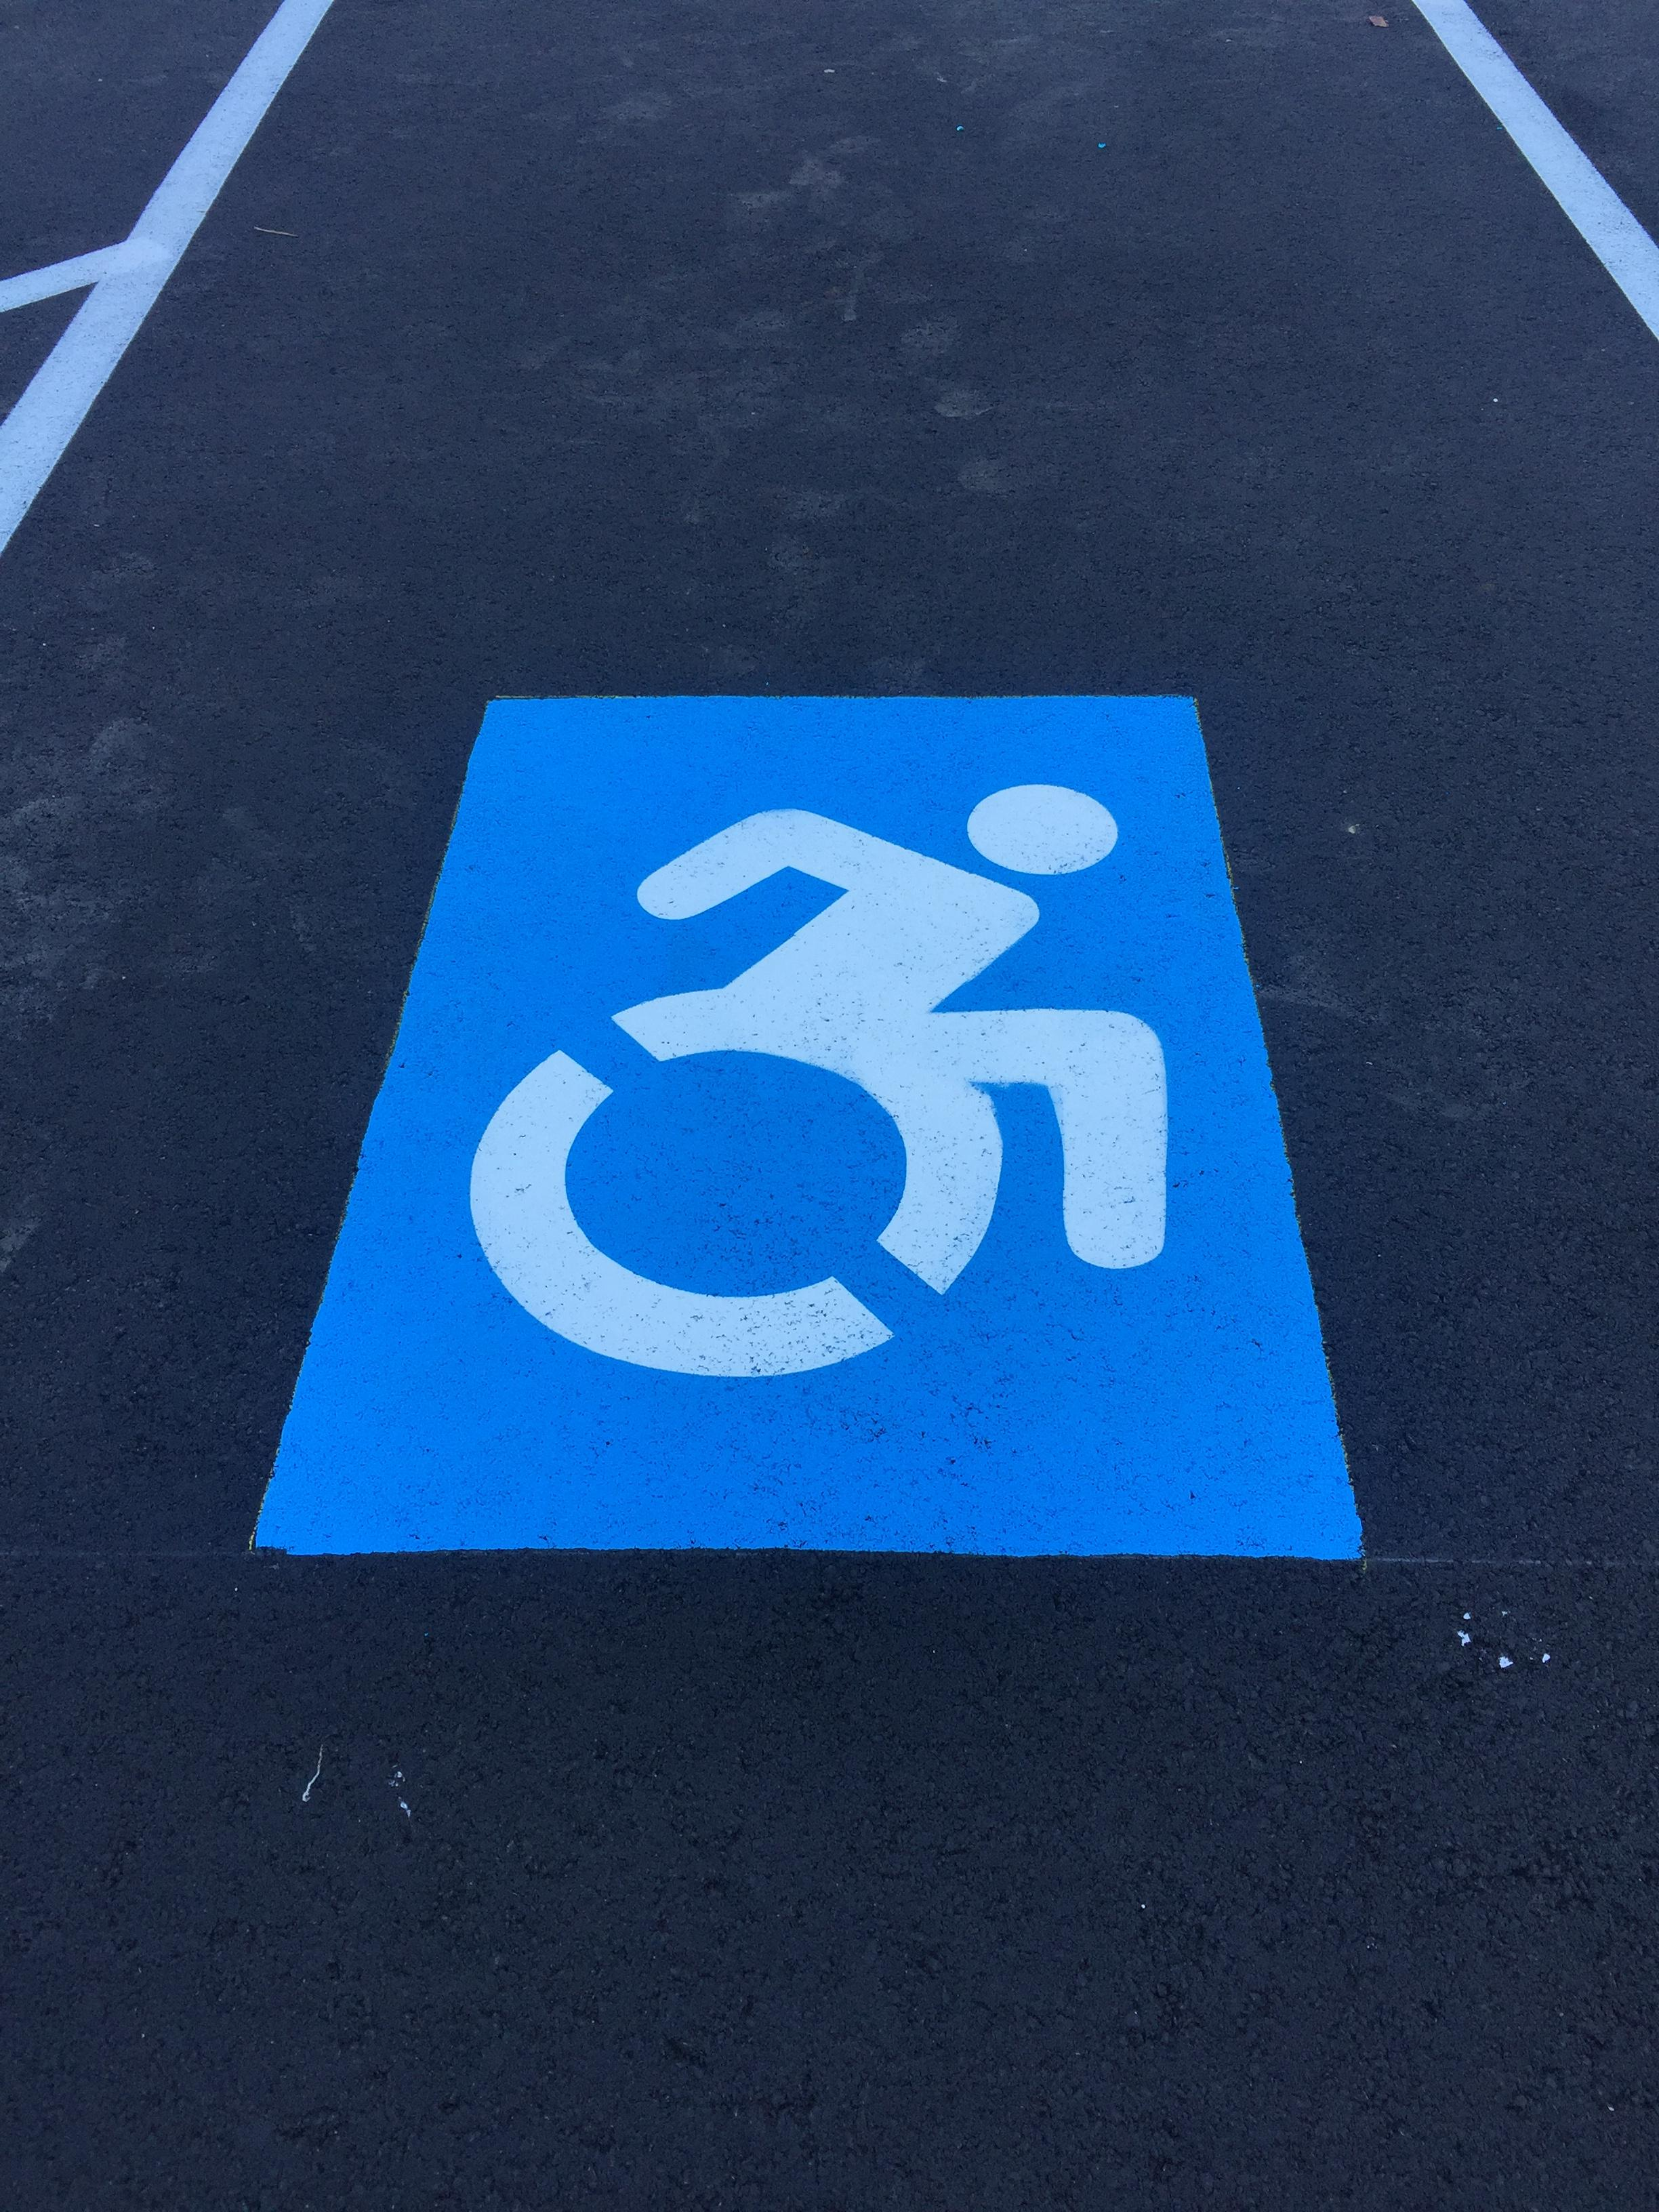 Handicap_Symbol_Fix_Asphalt.jpg